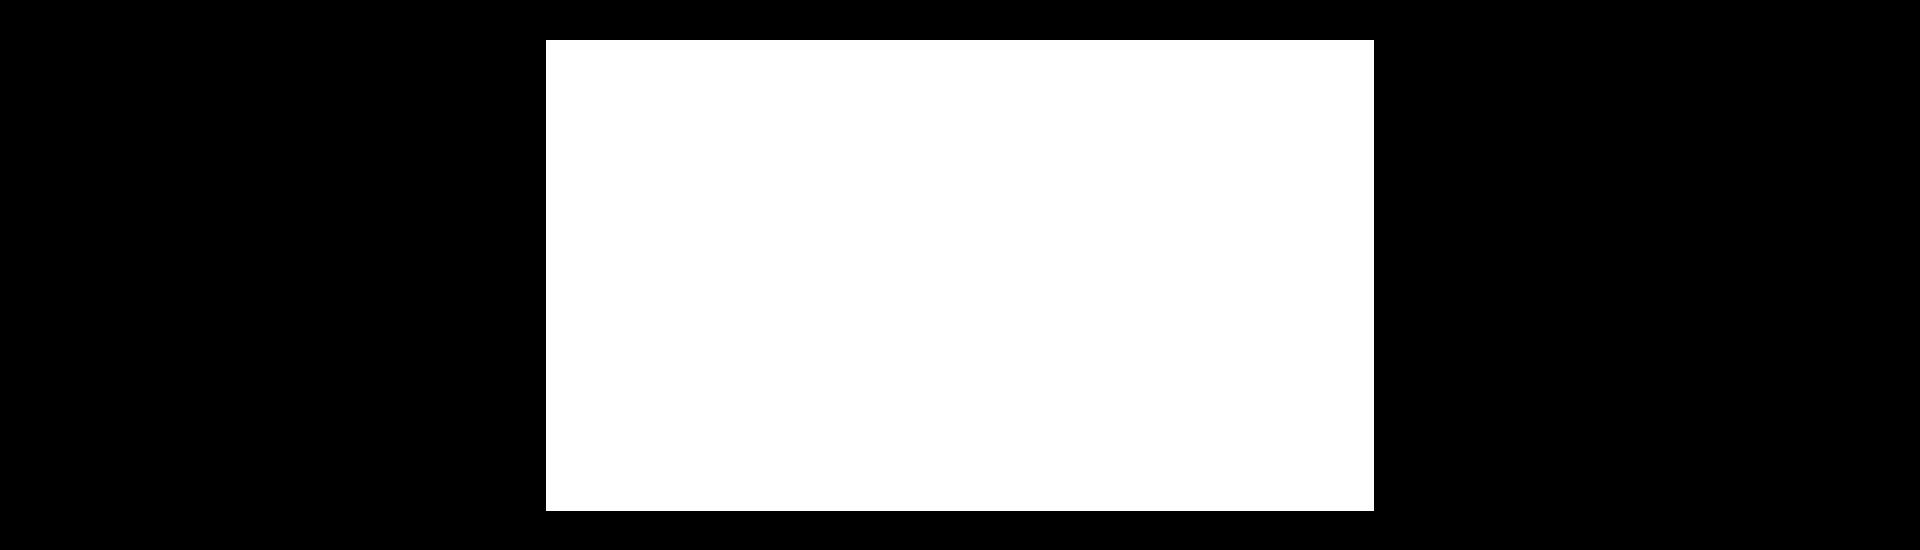 Sobre a Lougge